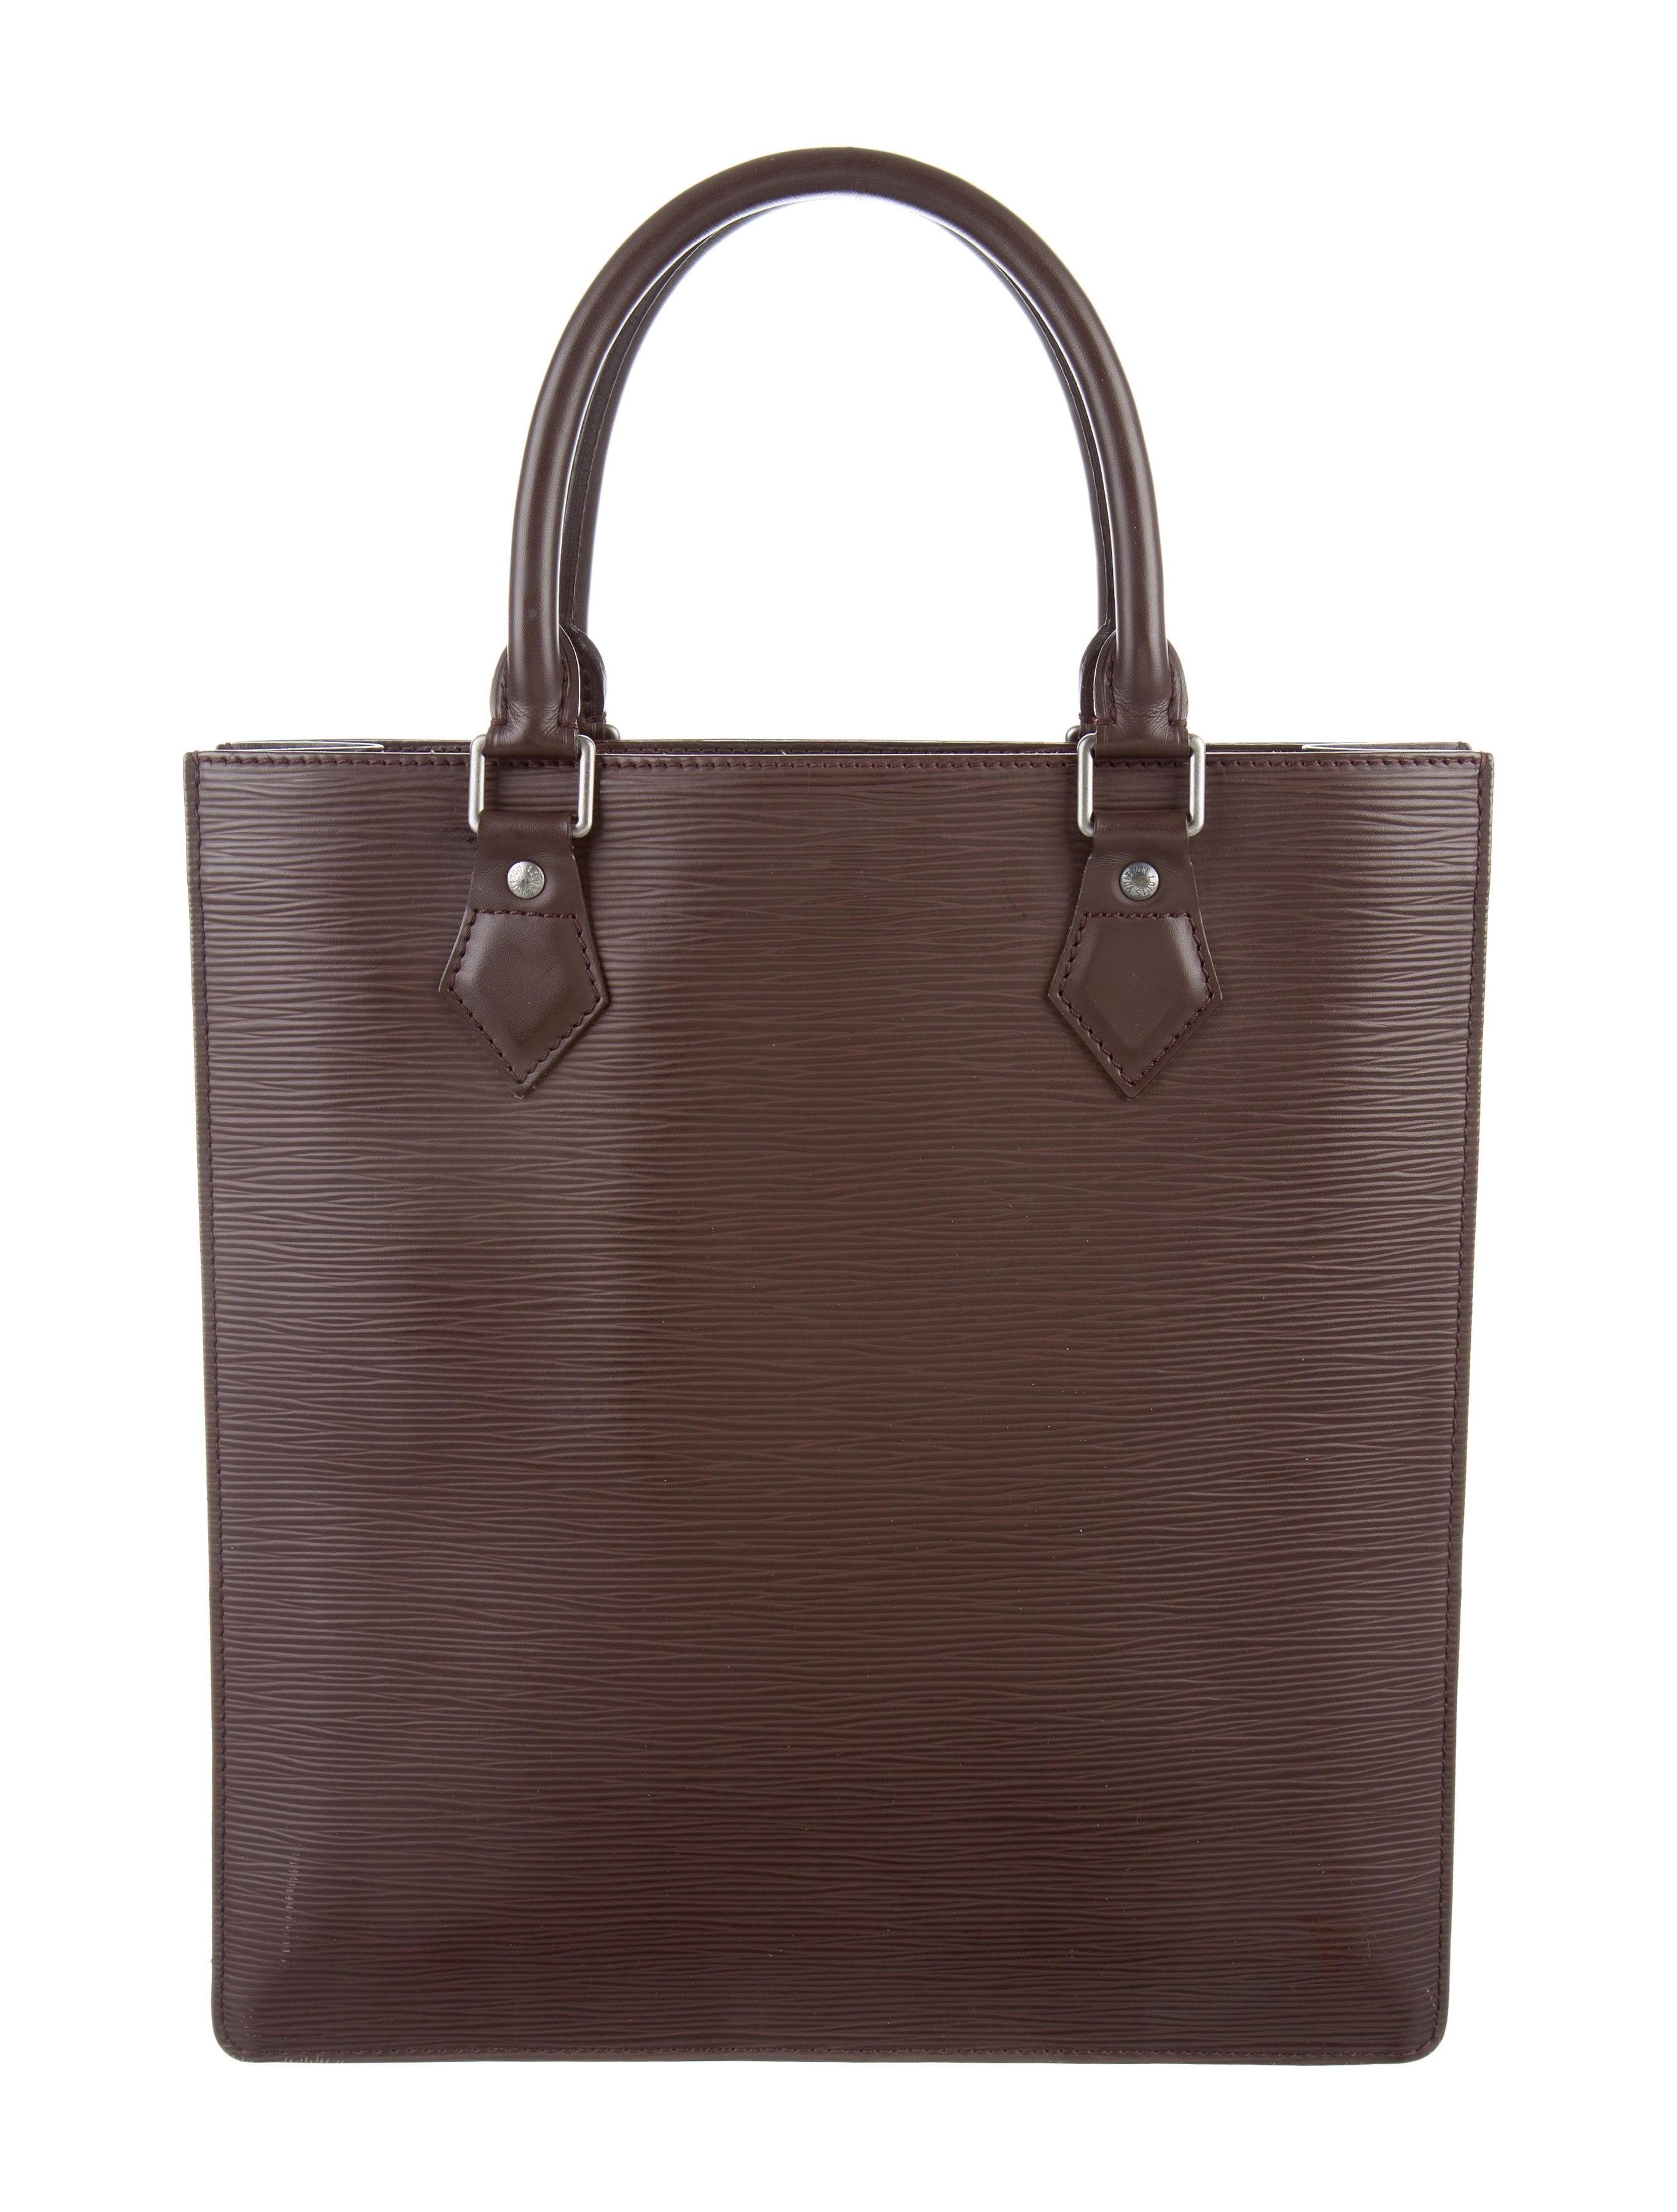 Sac Louis Vuitton Matelassé : Louis vuitton epi sac plat pm handbags lou the